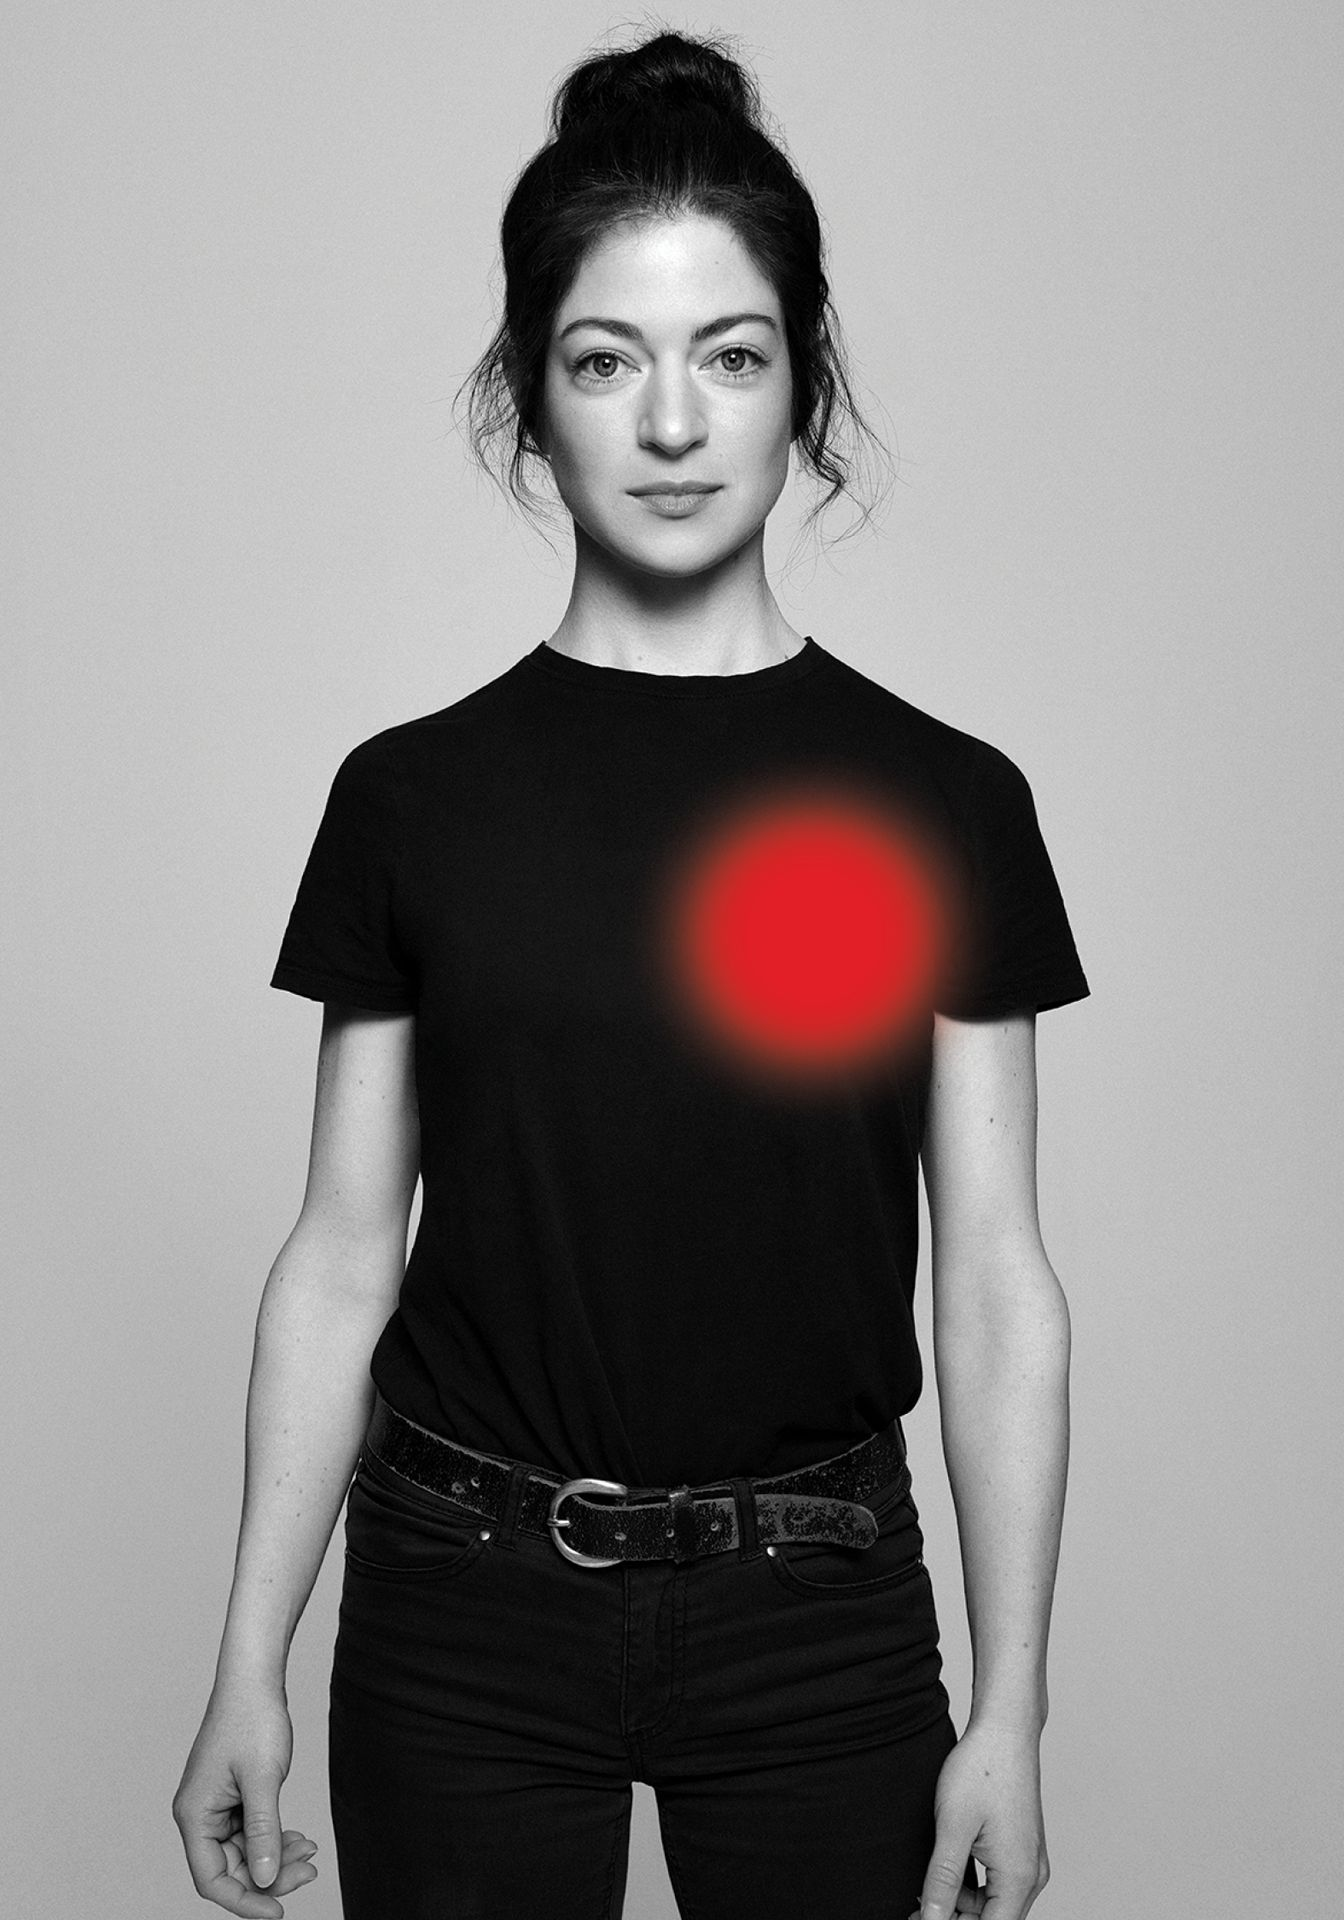 Portrait en noir et blanc de l'actrice Emmanuelle Lussier-Martinez, célébrité québécoise portant un jean noir et un t-shirt noir.